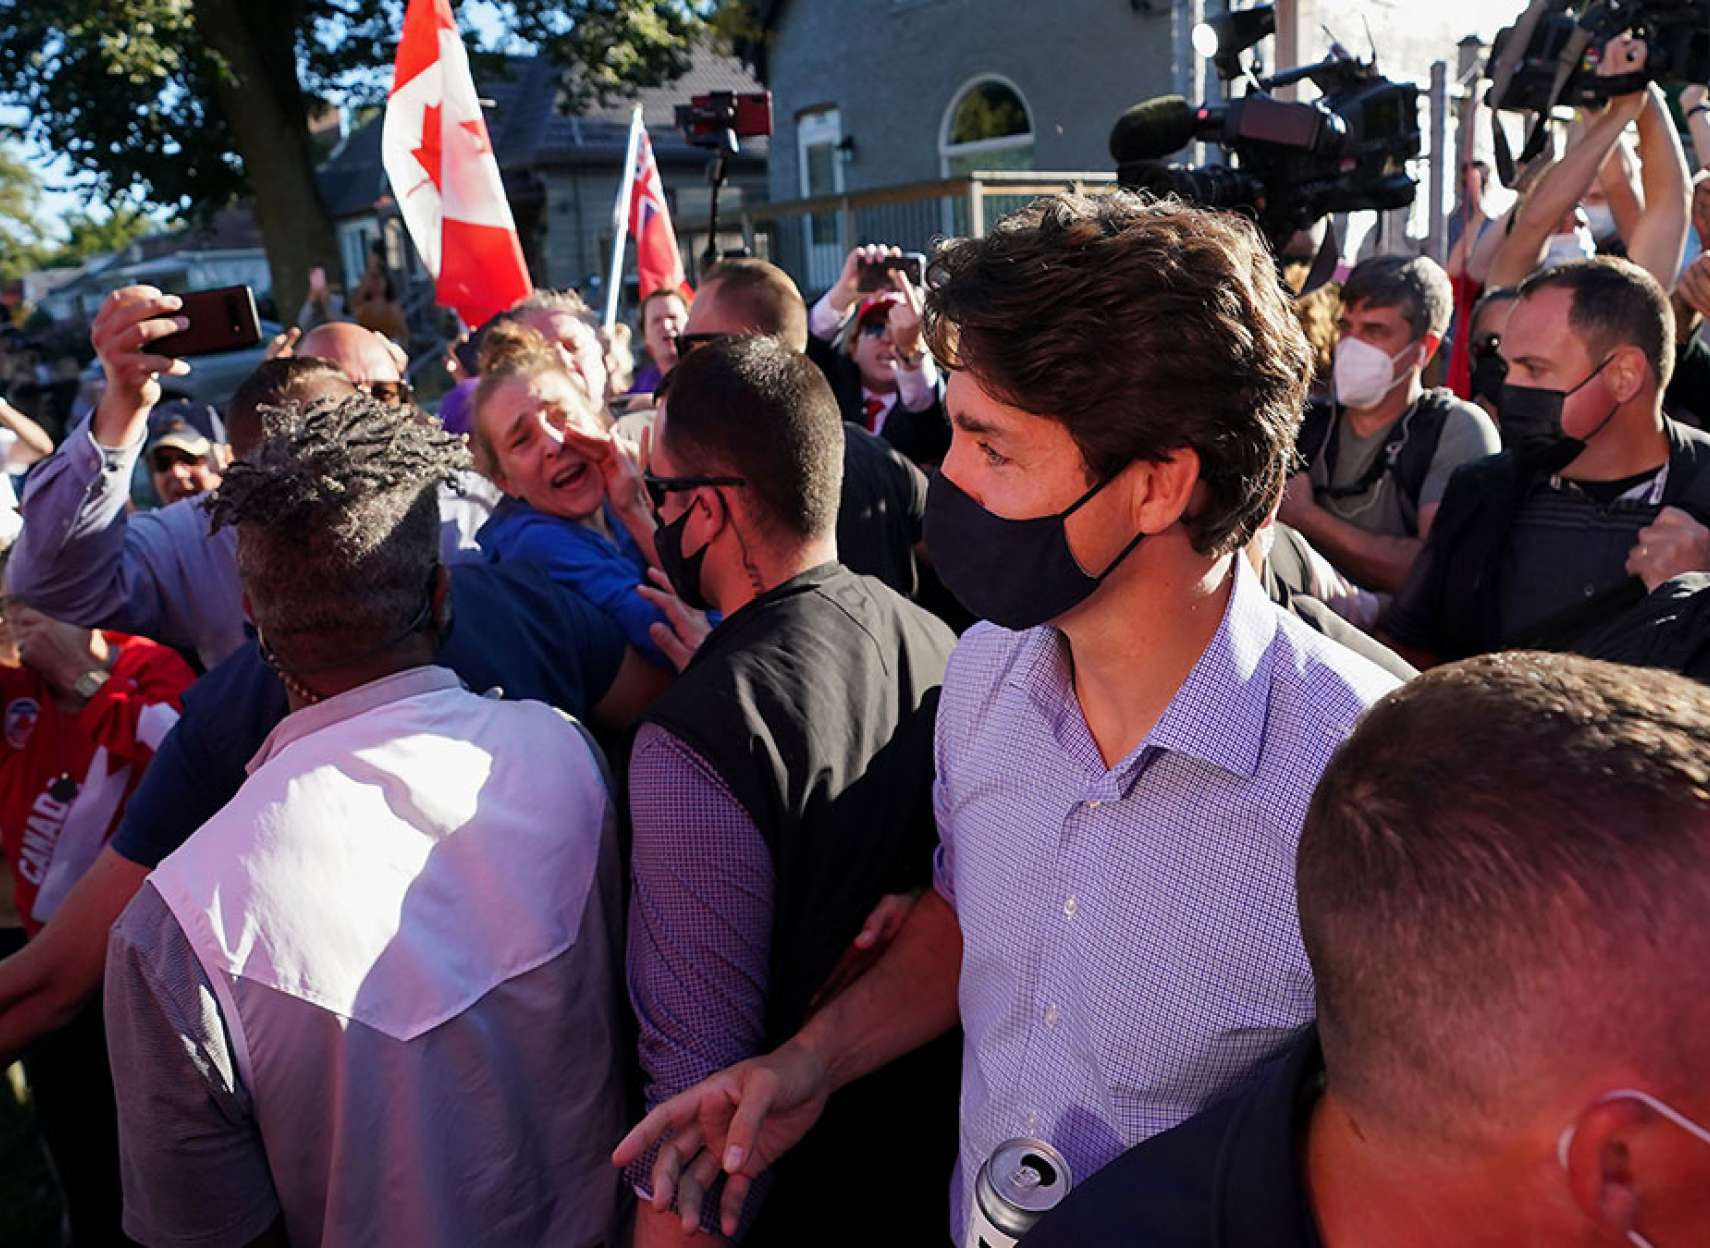 خبر-کانادا-حمله-با-ماسه-سنگریزه-به-ترودو-در-لندن-انتاریو-چند-سنگ-احتمالا-به-ترودو-برخورد-کرد